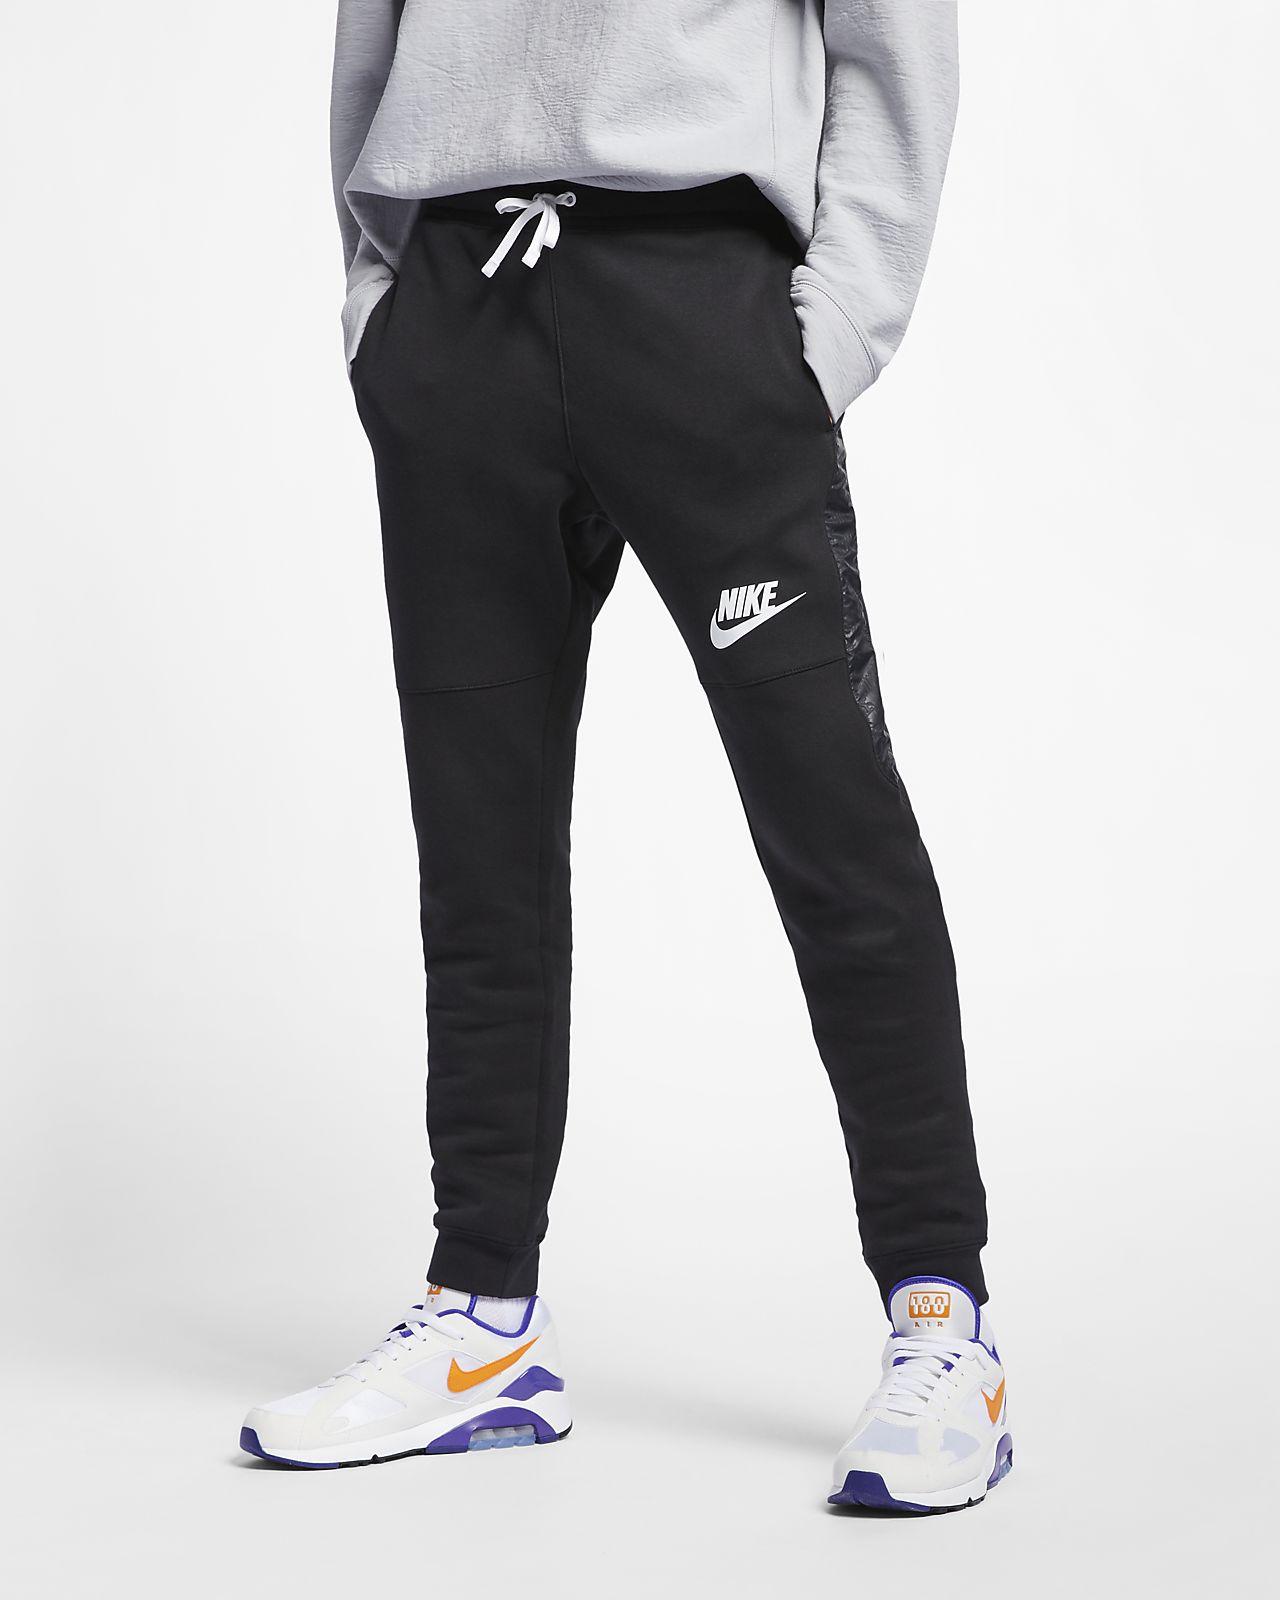 Pour Jogging Sportswear Homme Nike Pantalon De 4RLj35Aq